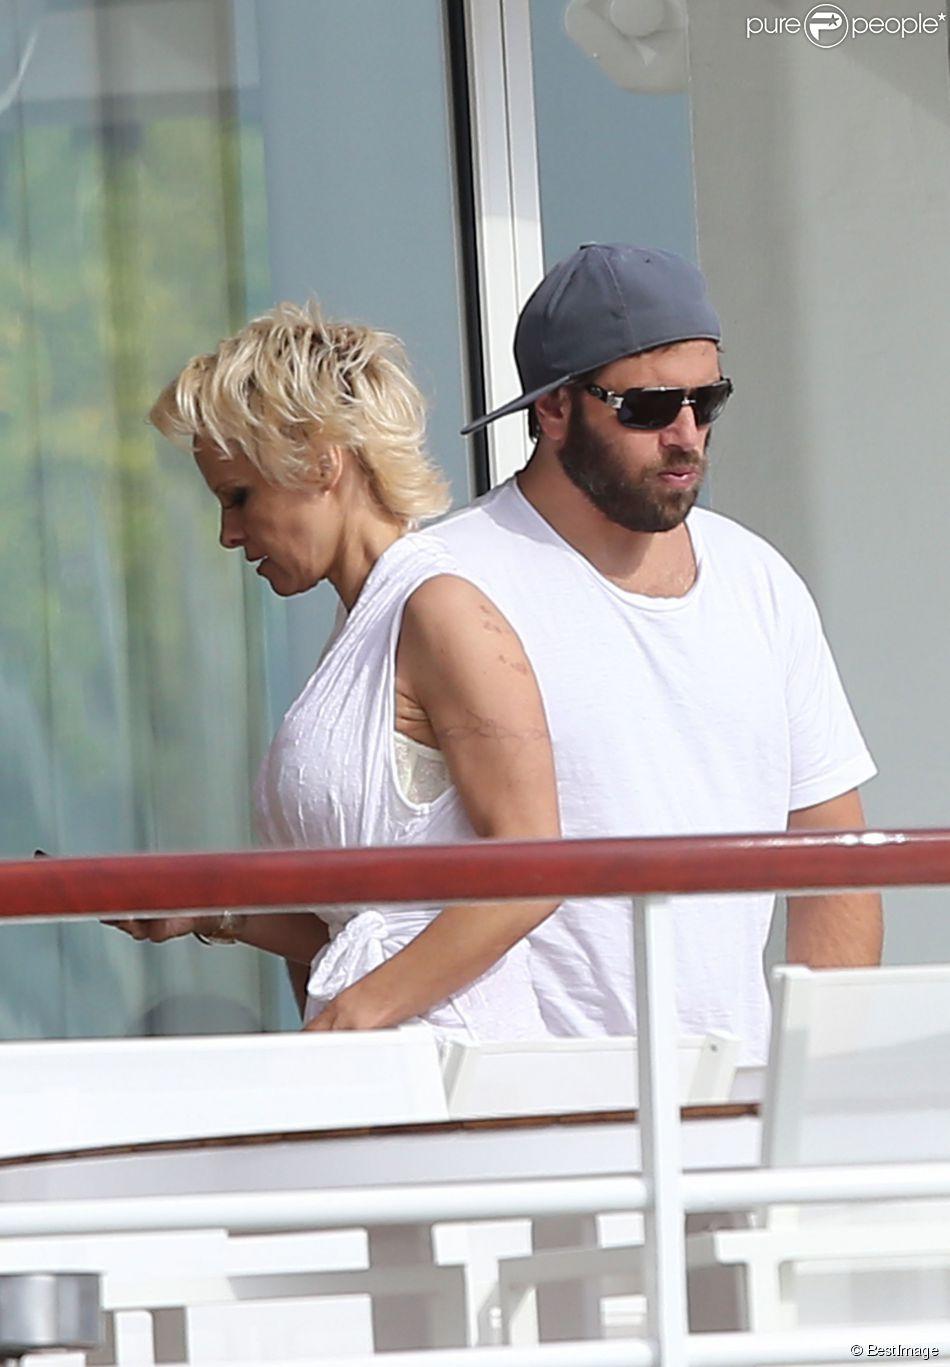 Pamela Anderson et son mari Rick Salomon sont descendus à l'hôtel Eden Roc au Cap d'Antibes, le 13 mai 2014. Le couple est venu pour participer au 67e Festival du Film de Cannes.  Pamela Anderson and her husband Rick Salomon are seen at Eden Roc hotel in Cap d'Antibes, on May 13, 2014 for the 67th Cannes Film Festival.13/05/2014 - Cap d'Antibes